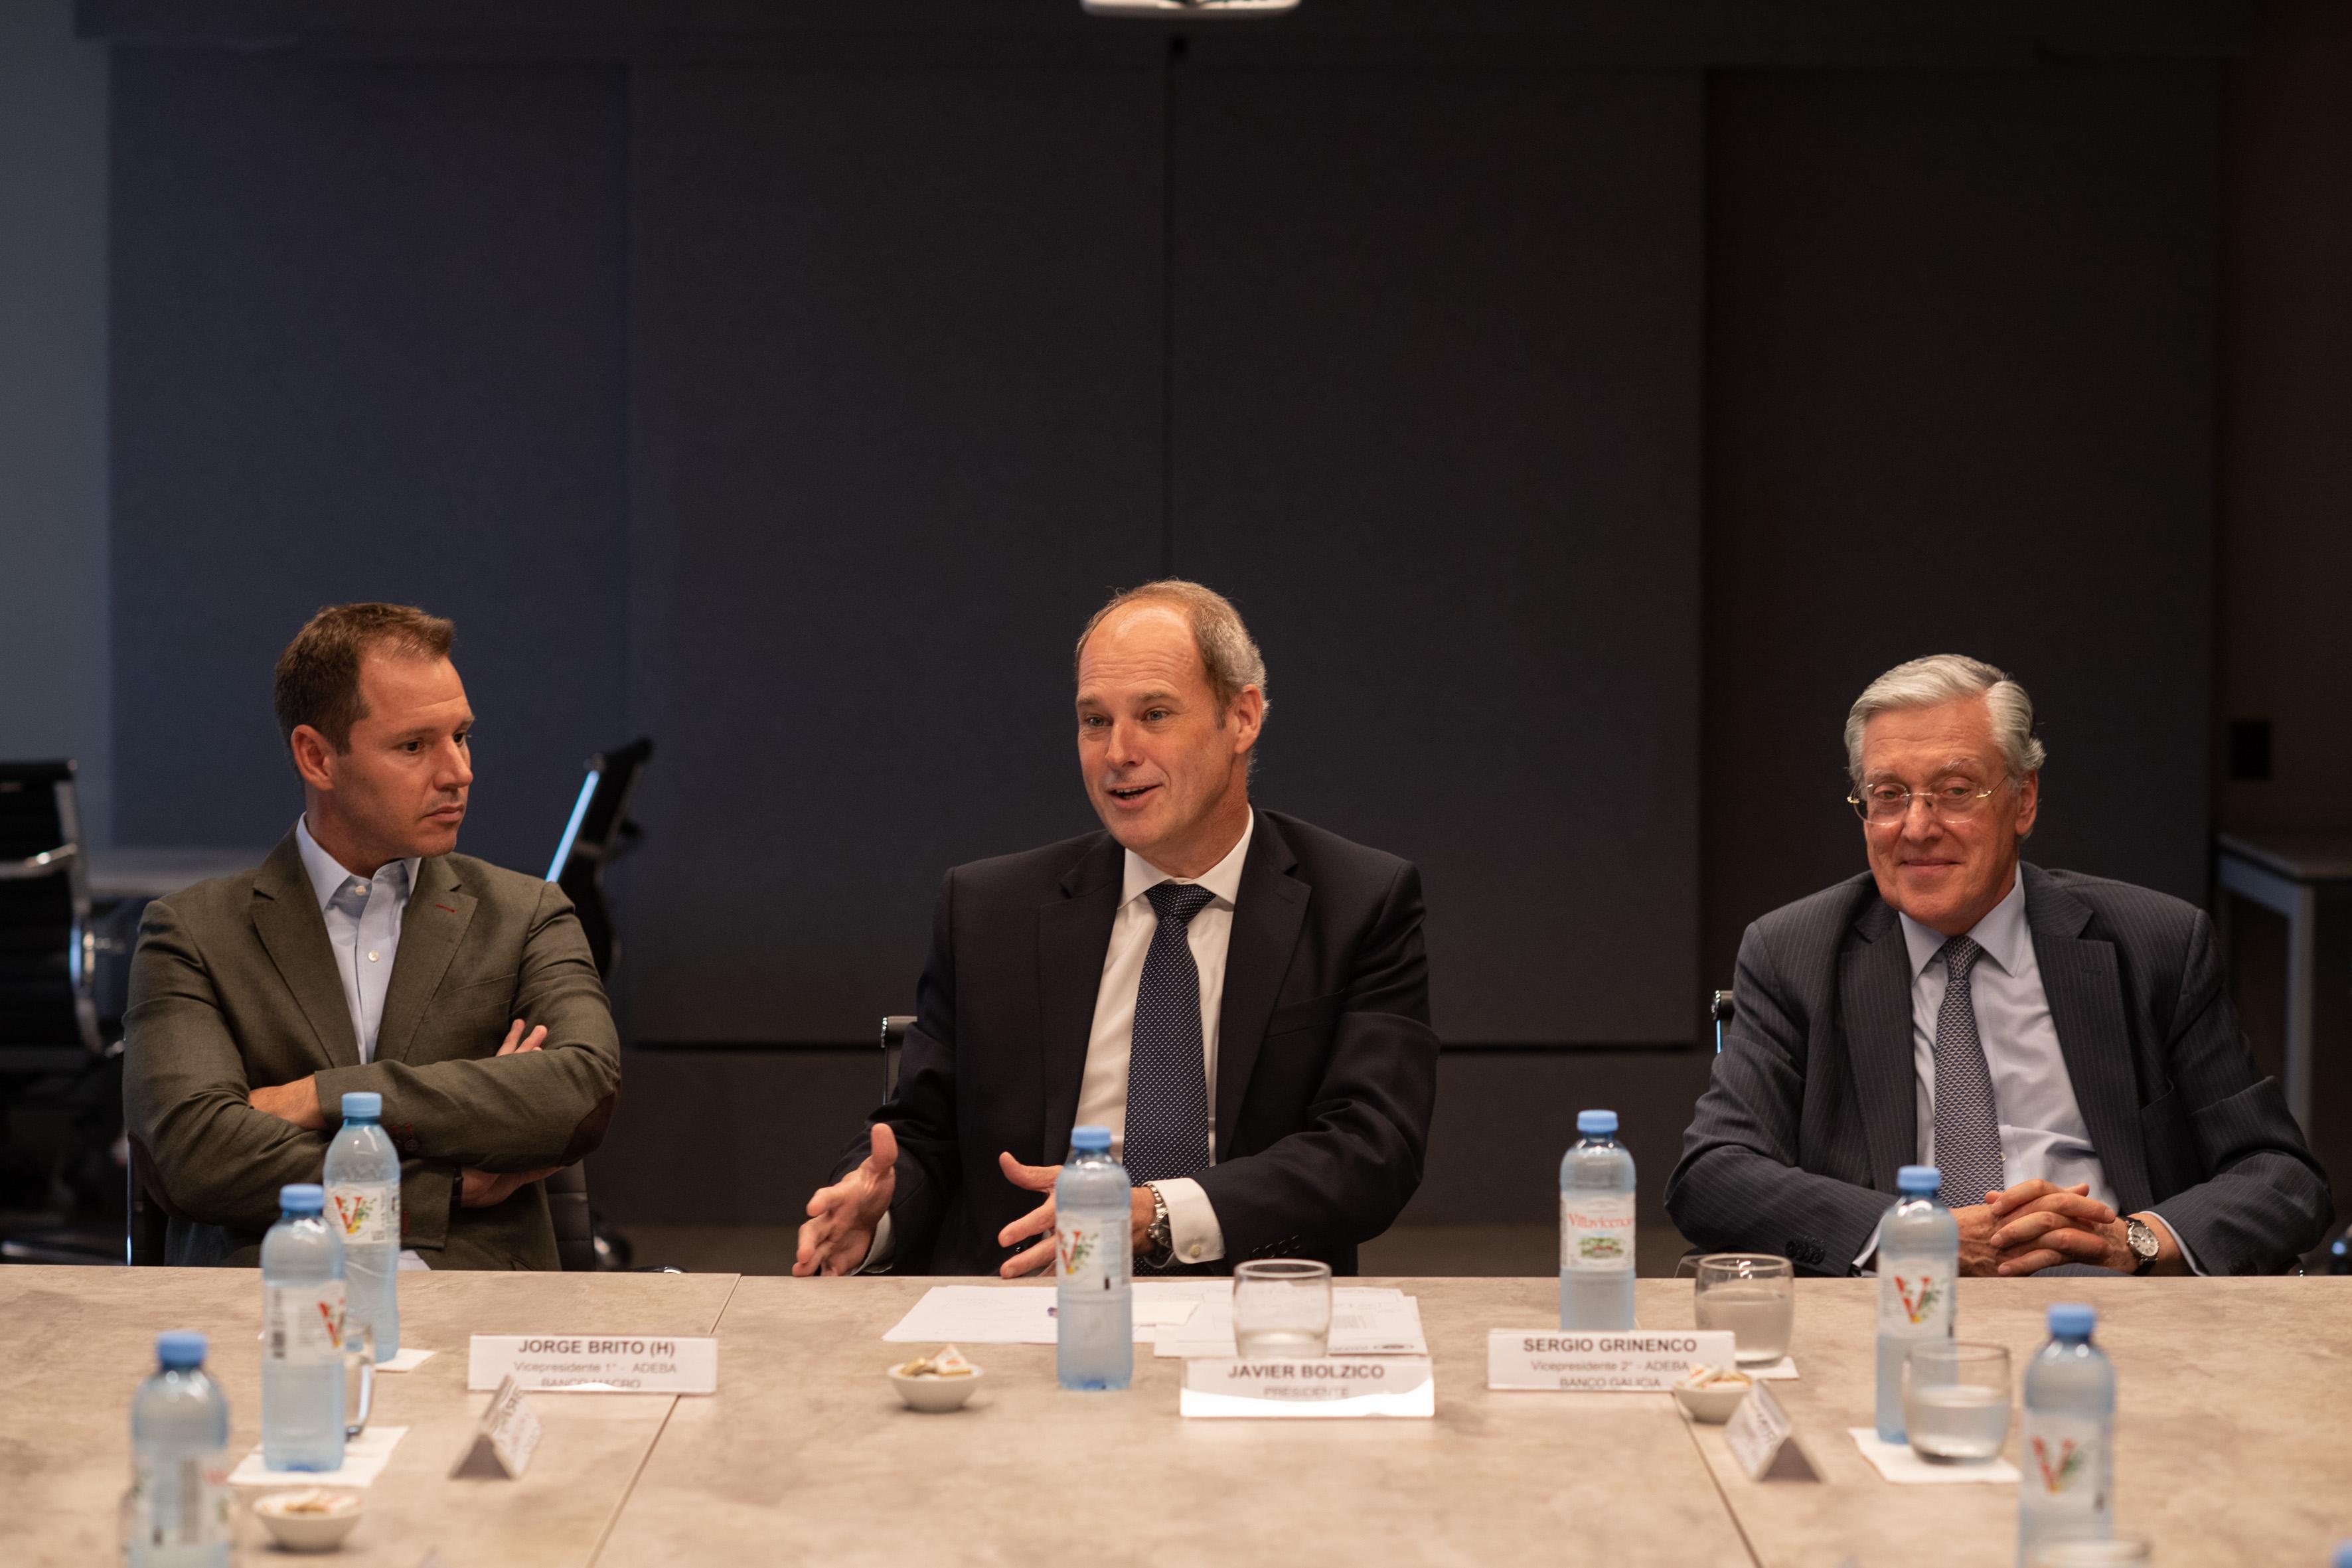 El presidente de ADEBA acompañado por dos vicepresidentes de la Cámara